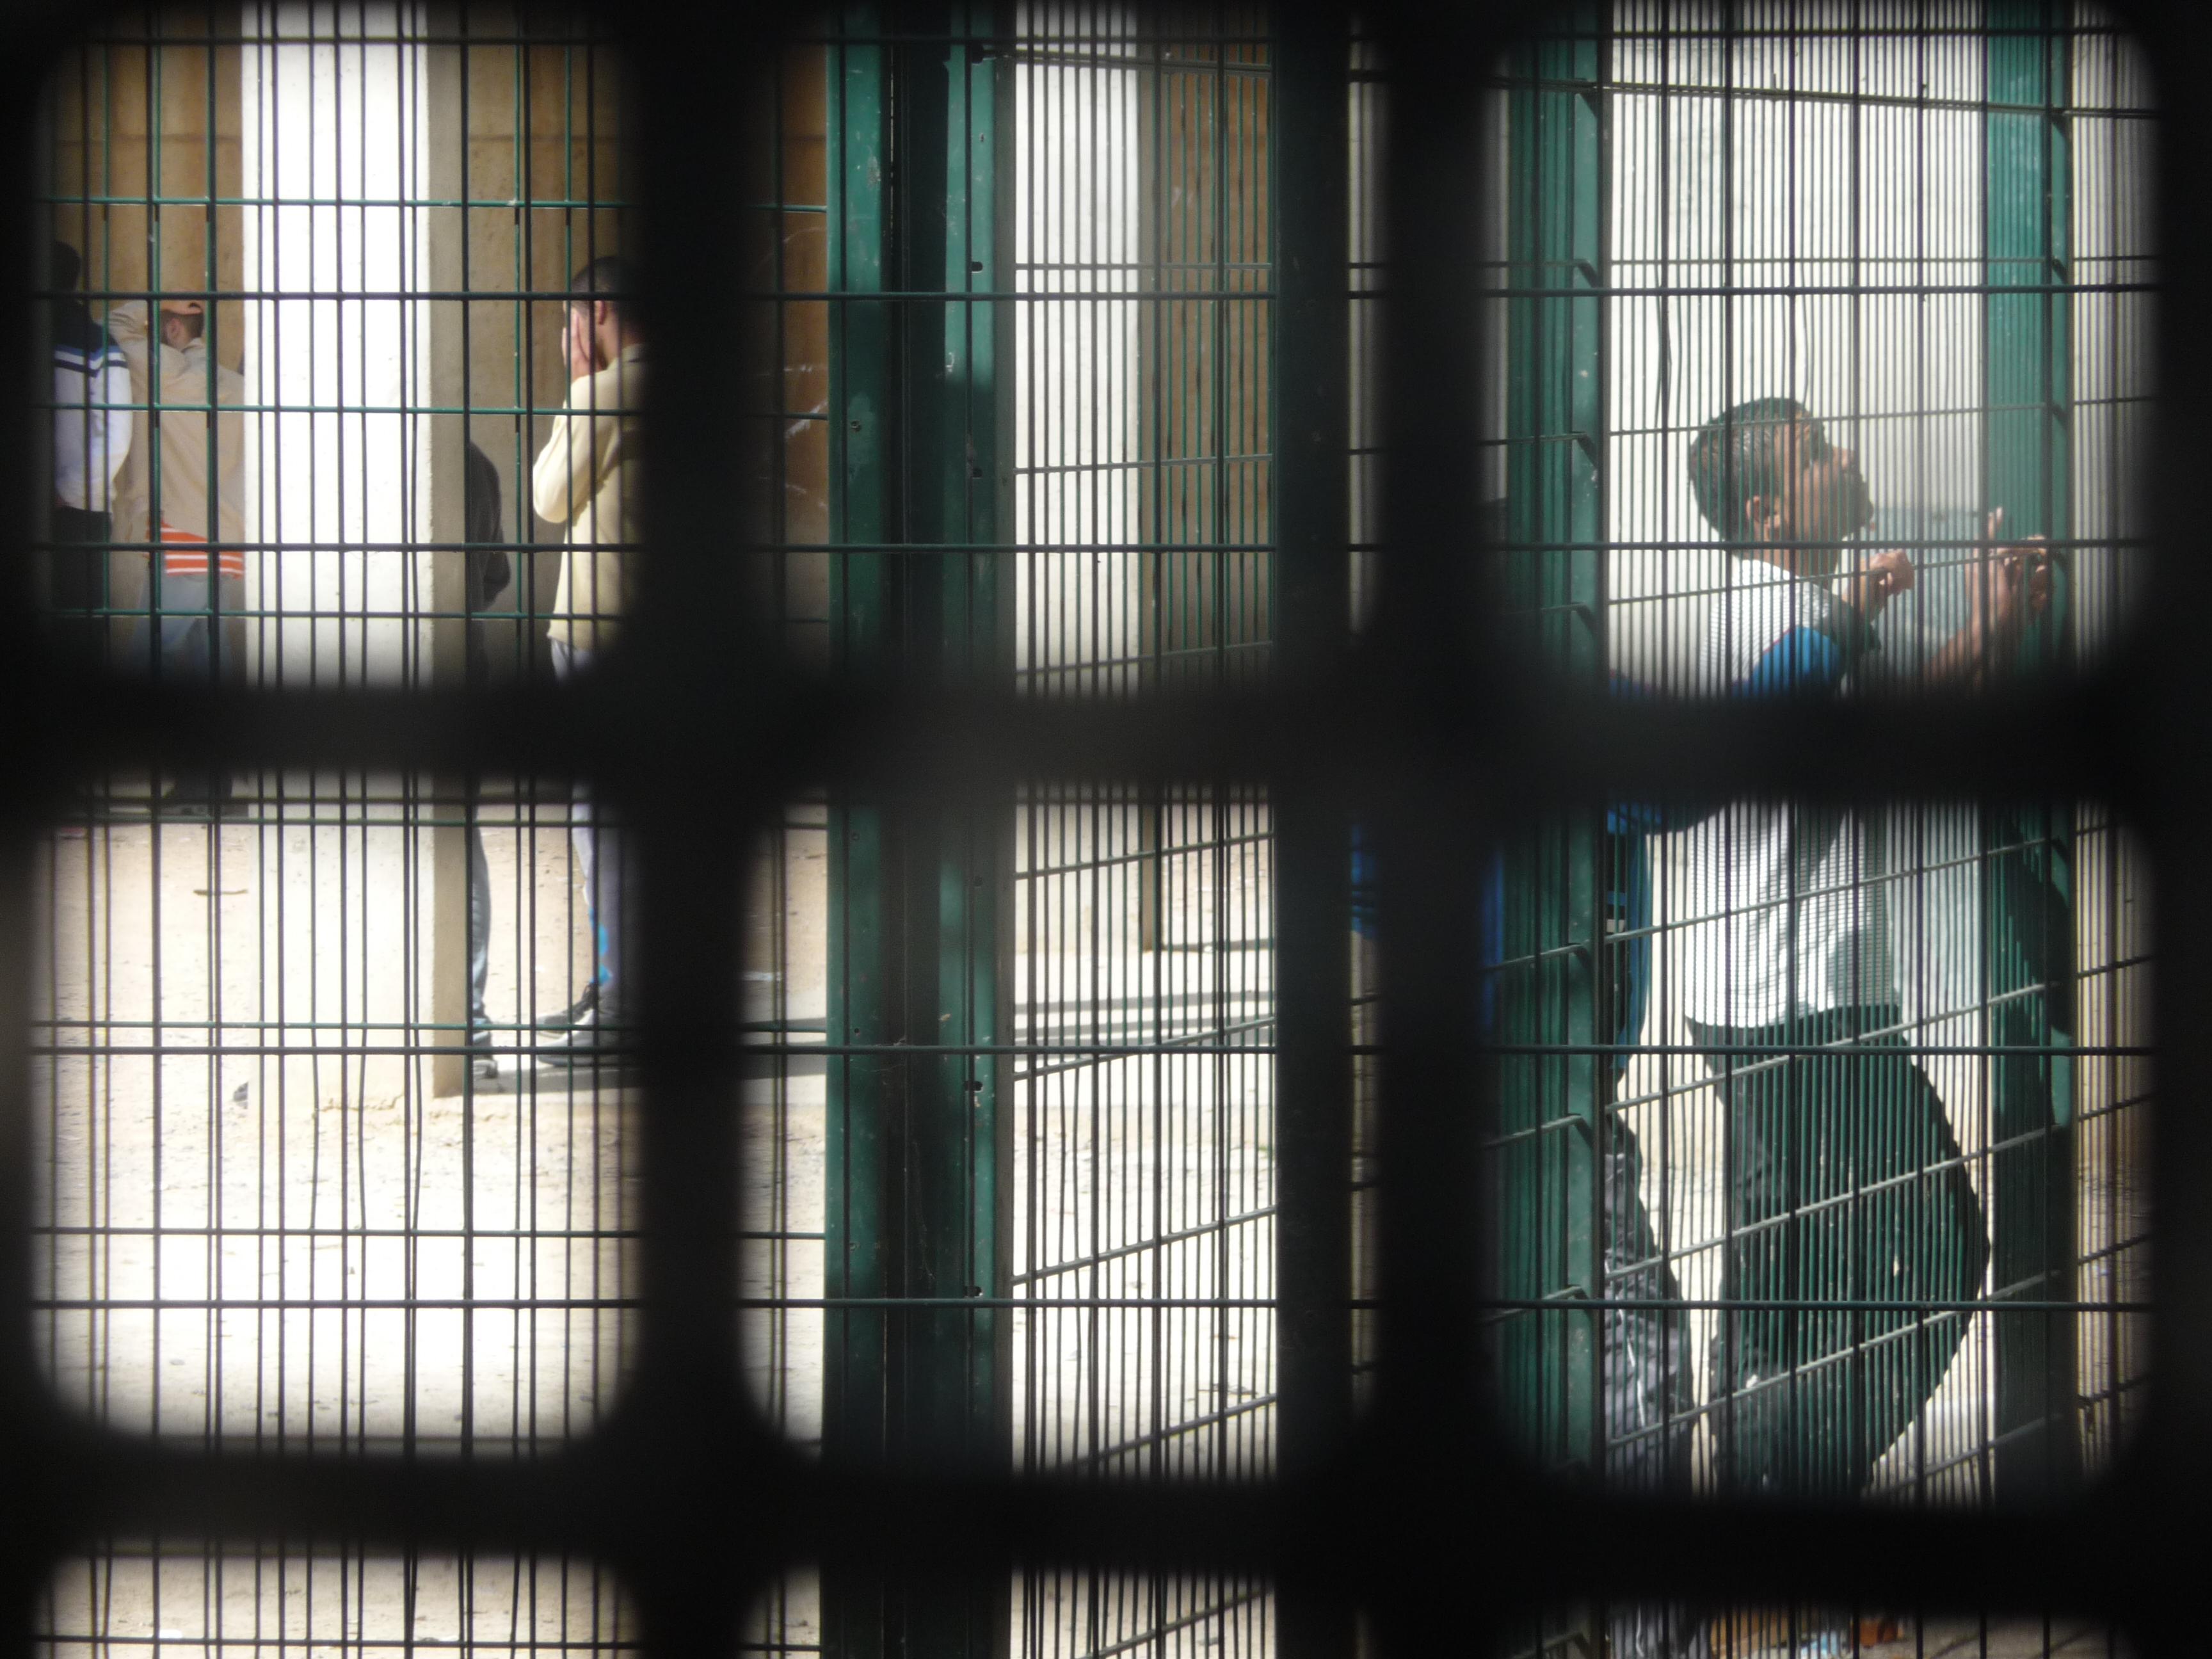 S'il est une maison d'arrêt que les prévenus et condamnés de la région lyonnaise redoutent, c'est bien celle de Villefranche-sur-Saône. Dans cette prison réputée violente, des mauvais traitements sont régulièrement dénoncés par les détenus. En cause,...